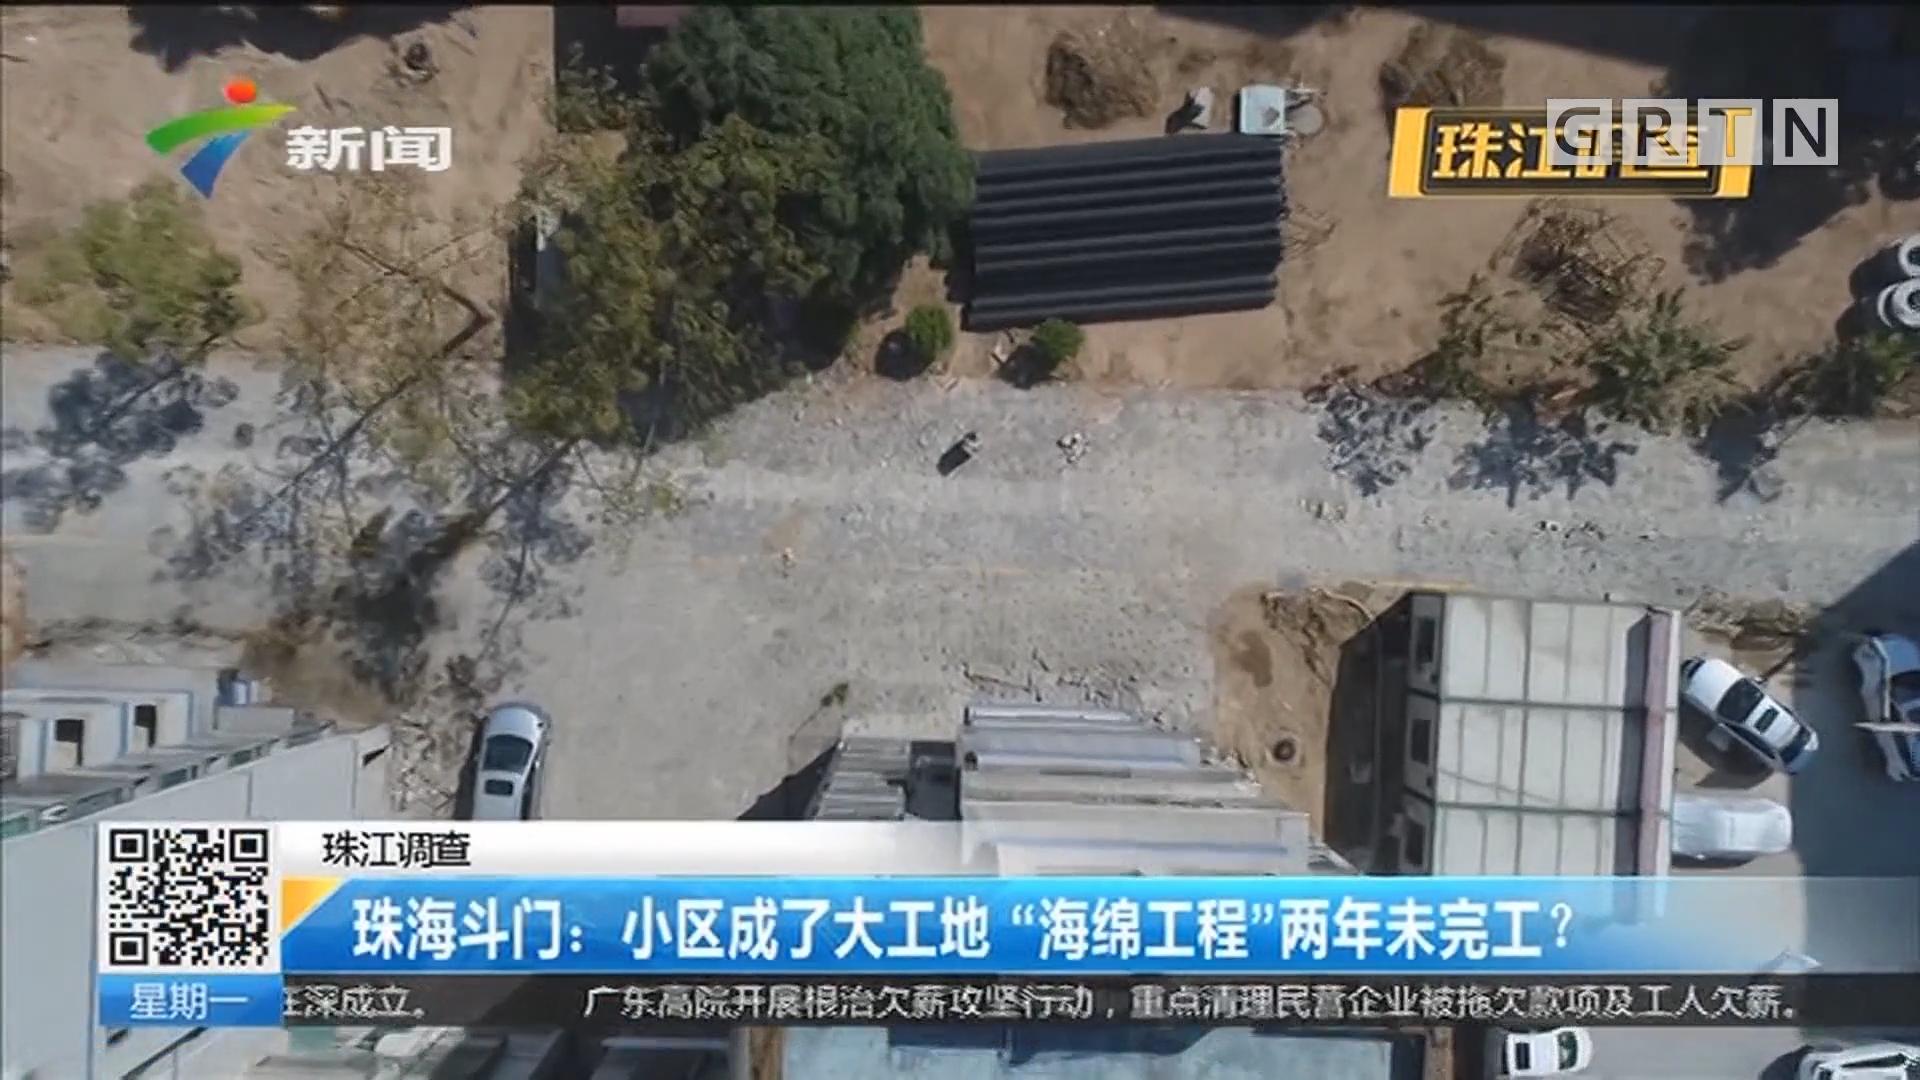 """珠江调查 珠海斗门:小区成了大工地 """"海绵工程""""两年未完工?"""